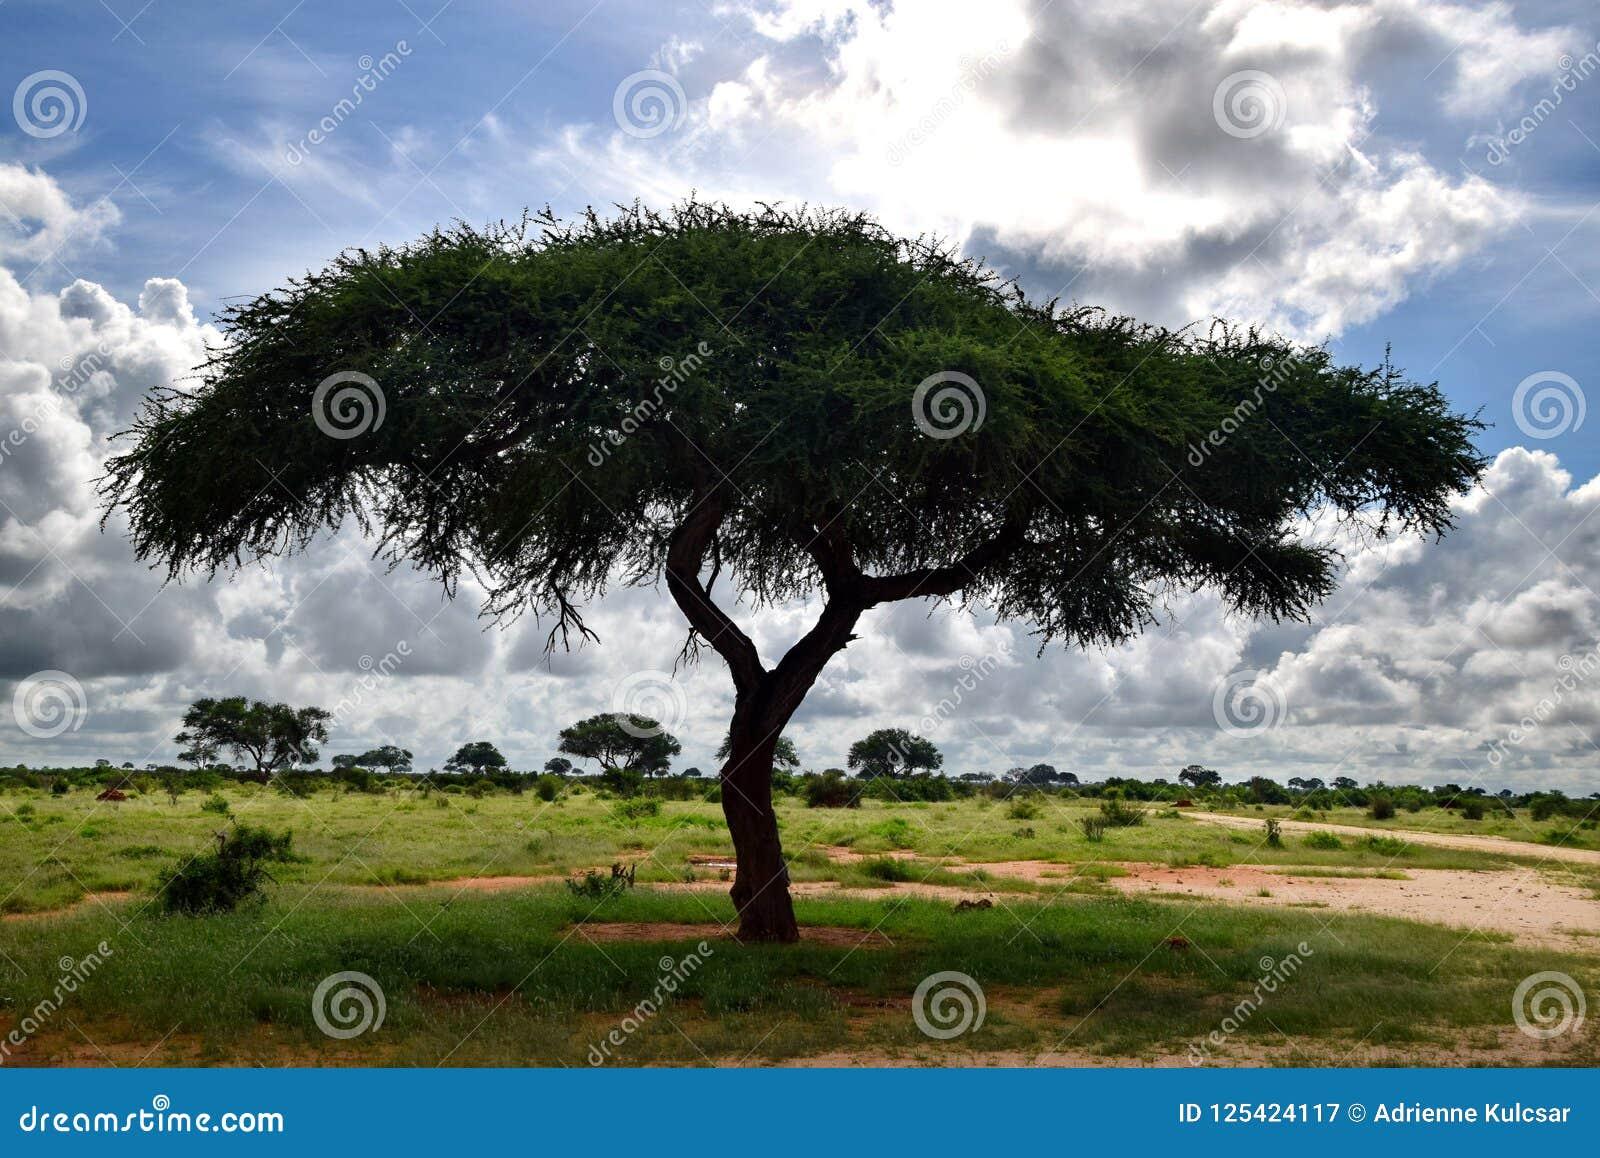 Vachellia tortilis drzewo i nietknięta natura przy Afrykańską sawanną